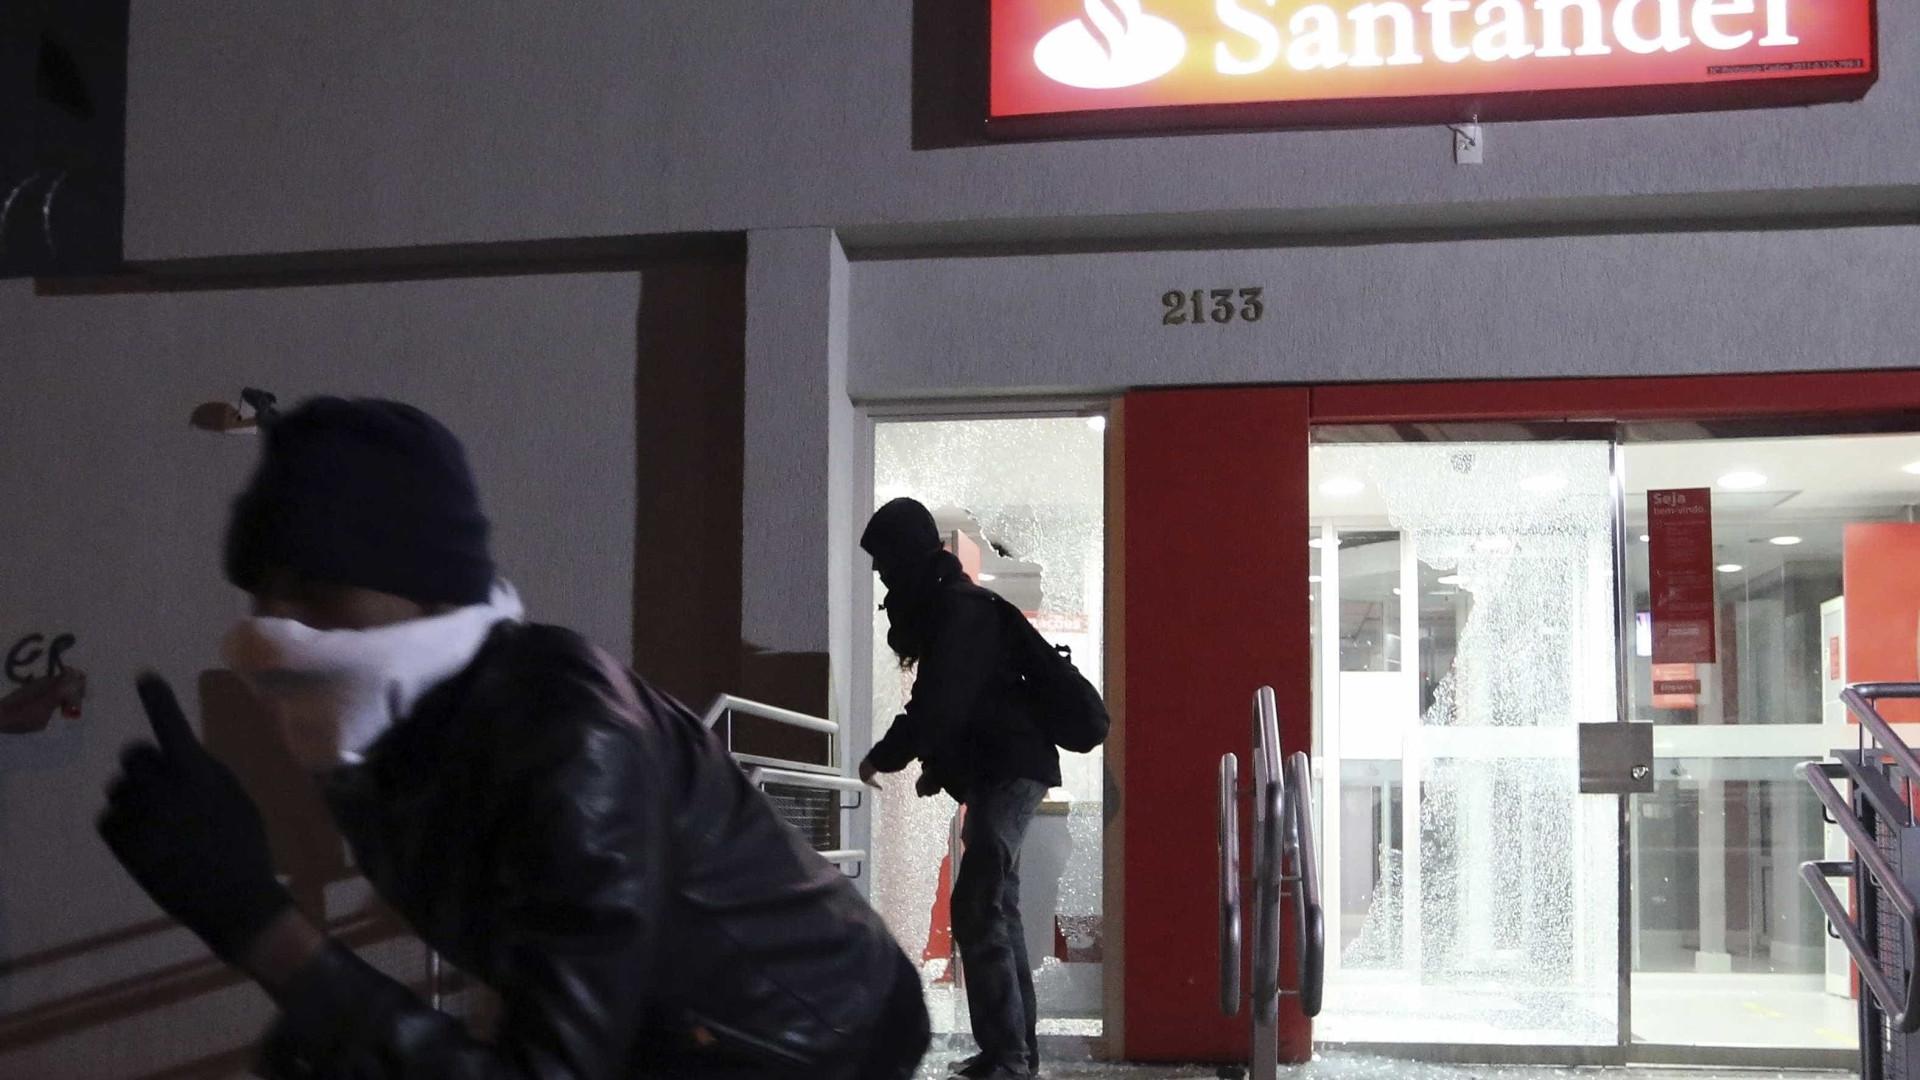 naom 5215423e36506 - RJ: Bando explode banco e debocha de vizinho: 'acordou com o barulho?'